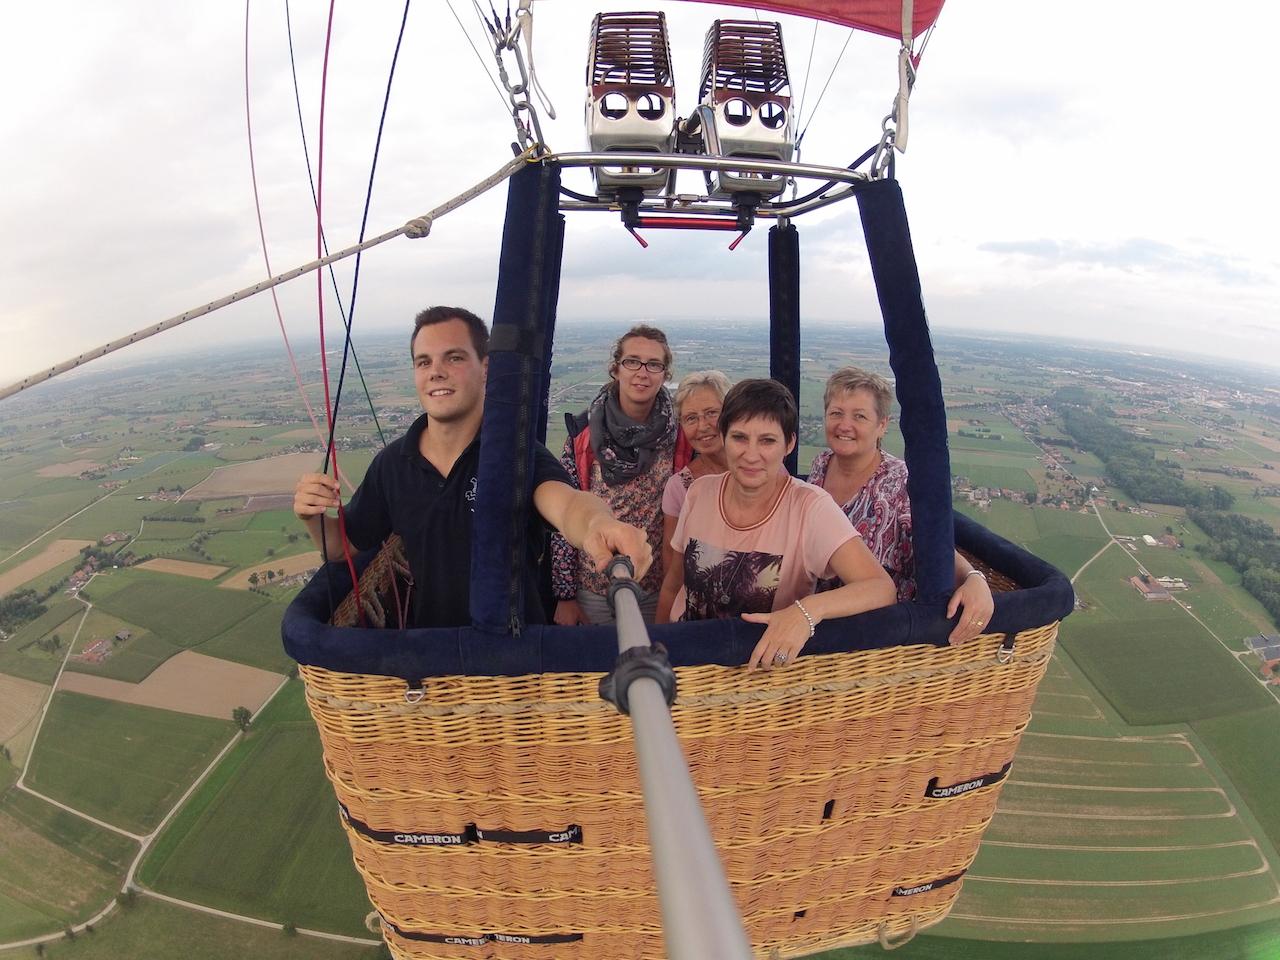 Ballonvaart Zomergem